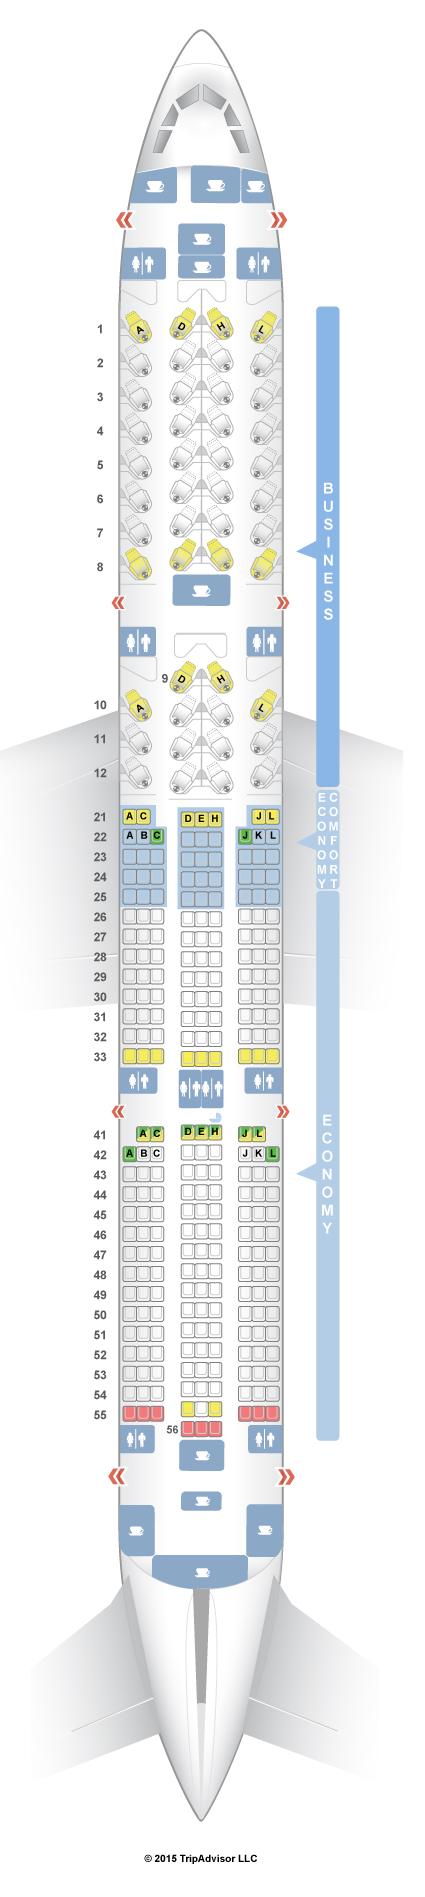 Seatguru Seat Map Finnair Airbus A350 900 350